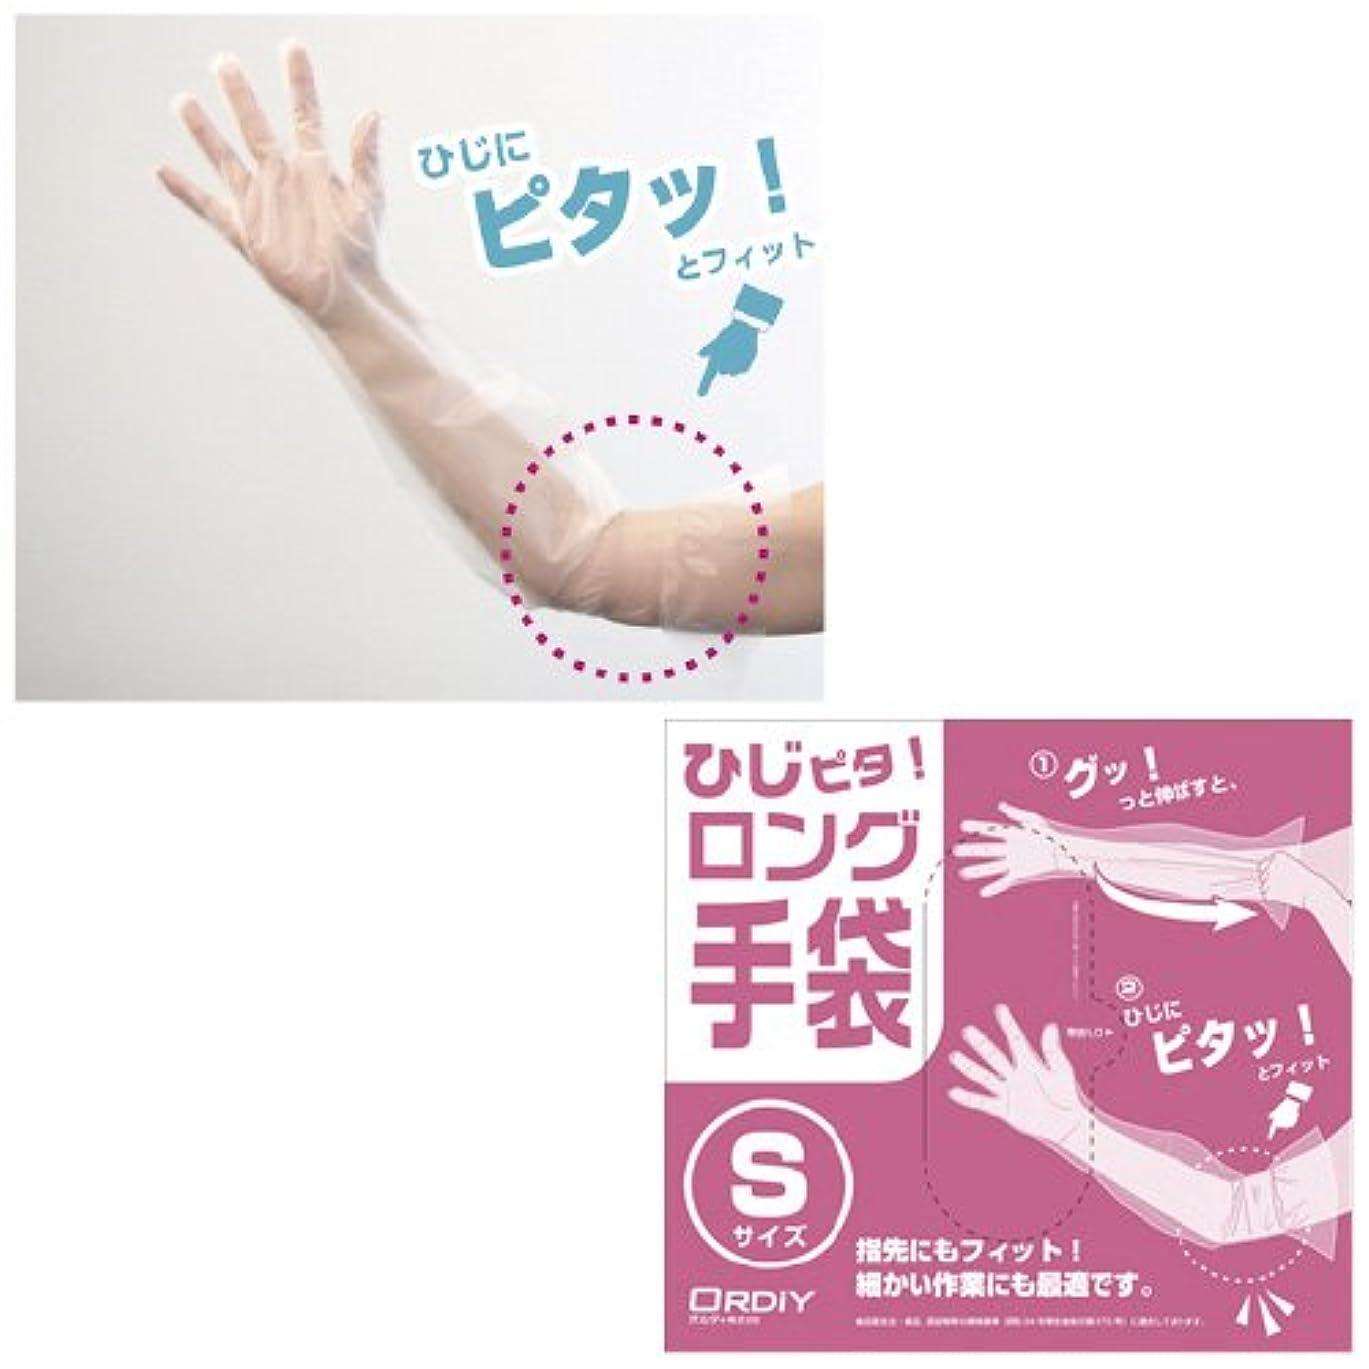 検索エンジンマーケティング平和的ベアリングサークルひじピタロング手袋(M) HLT-NM-100(100??) ???????????????(24-5452-01)【オルディ】[10箱単位]